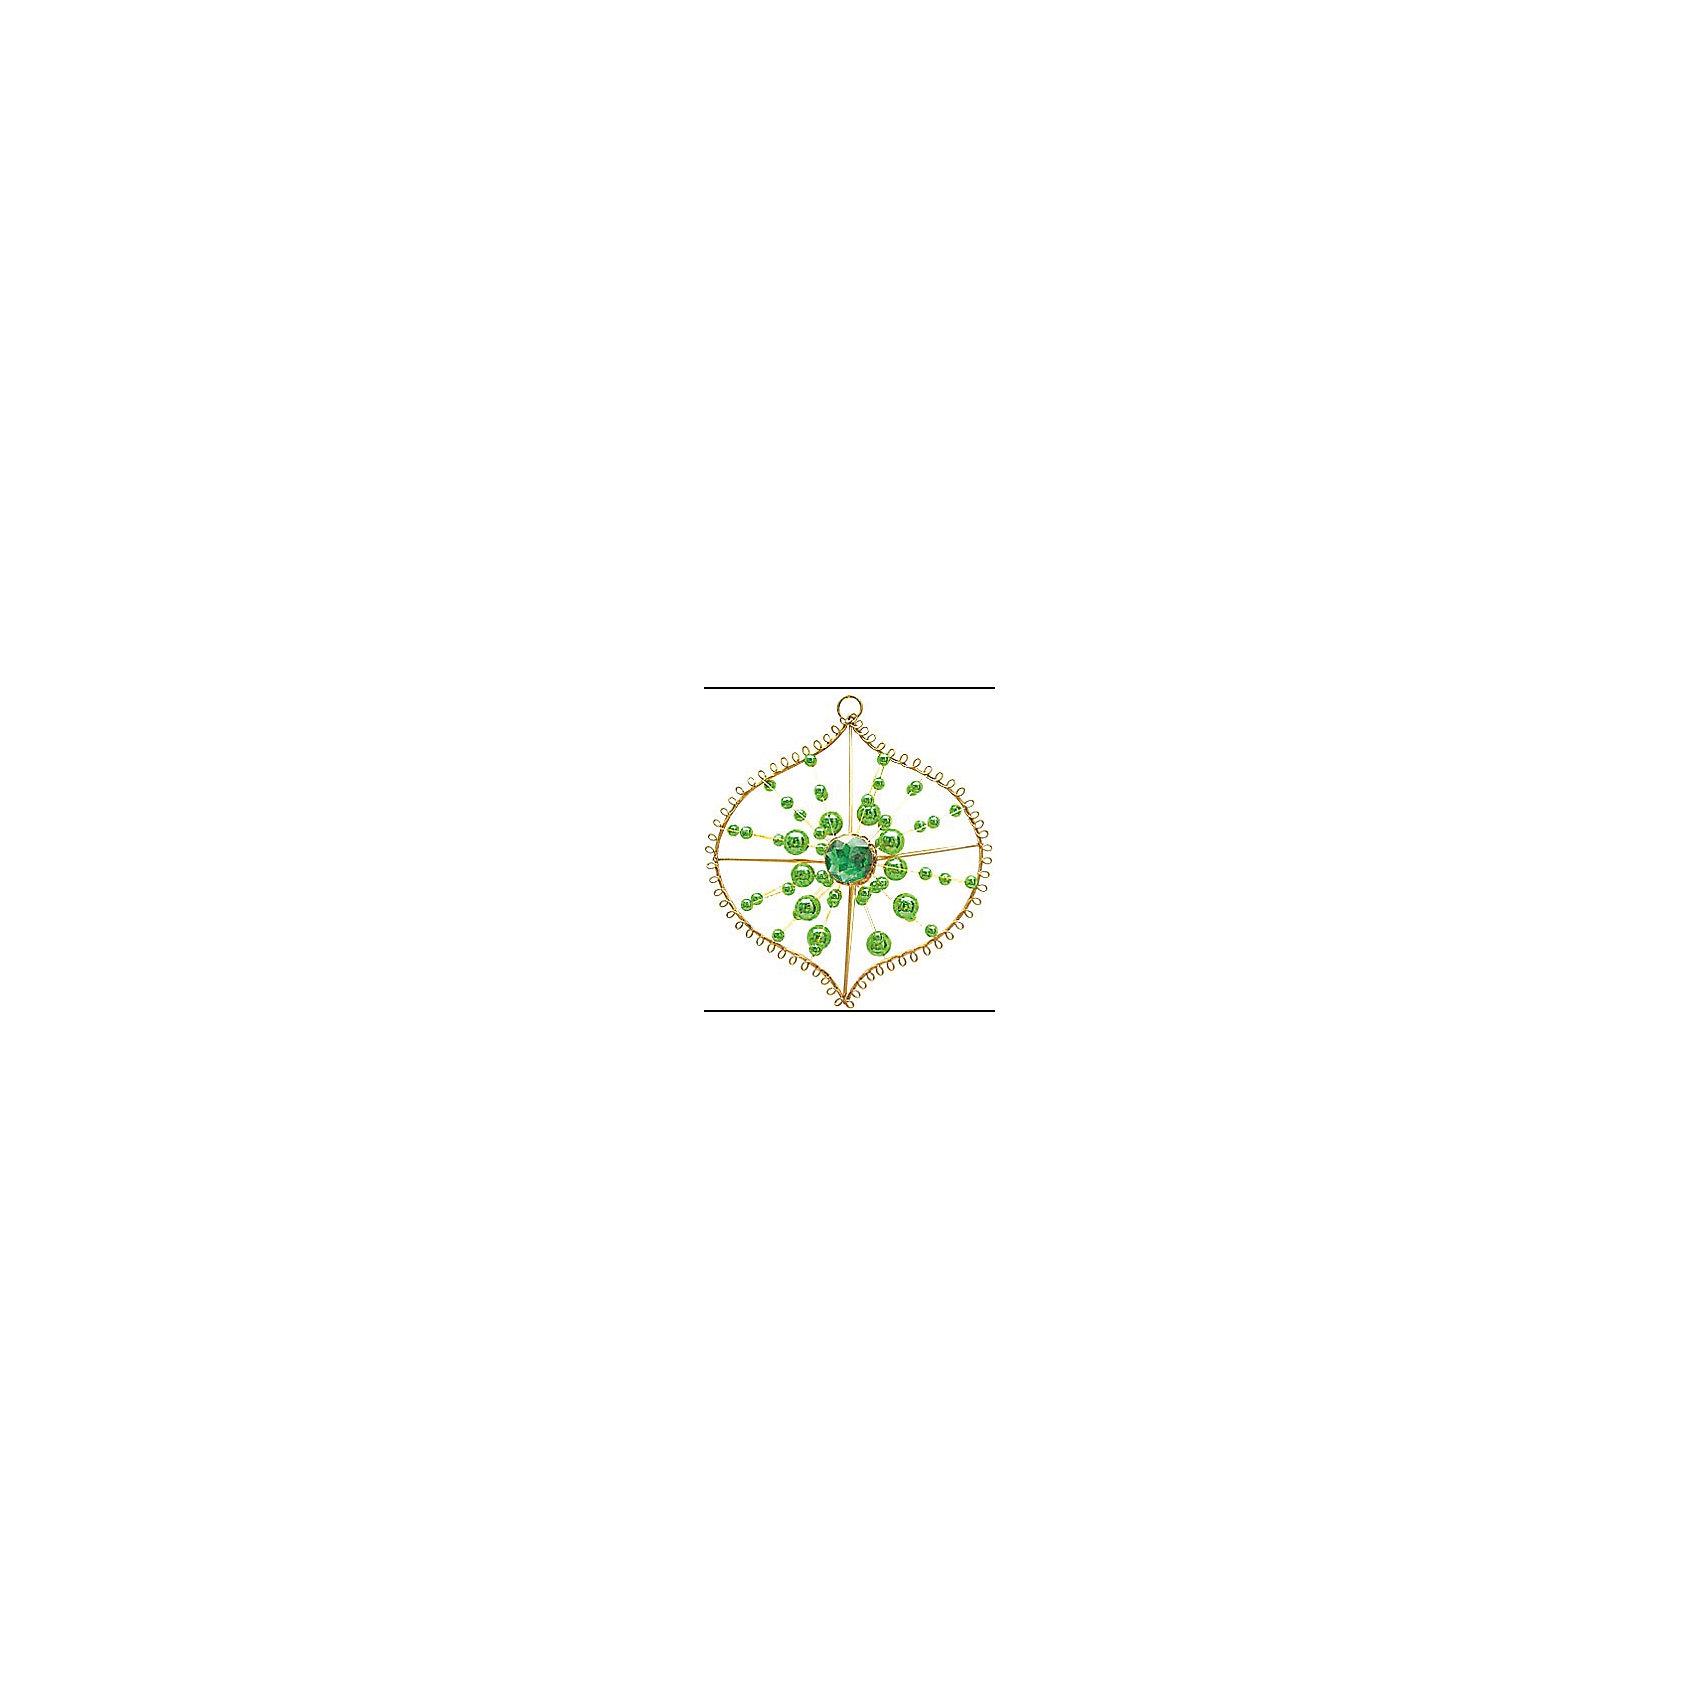 Marko Ferenzo Украшение Луковица (зелёный, золотой) marko ferenzo набор желудей 3 шт grande 4 см золотой